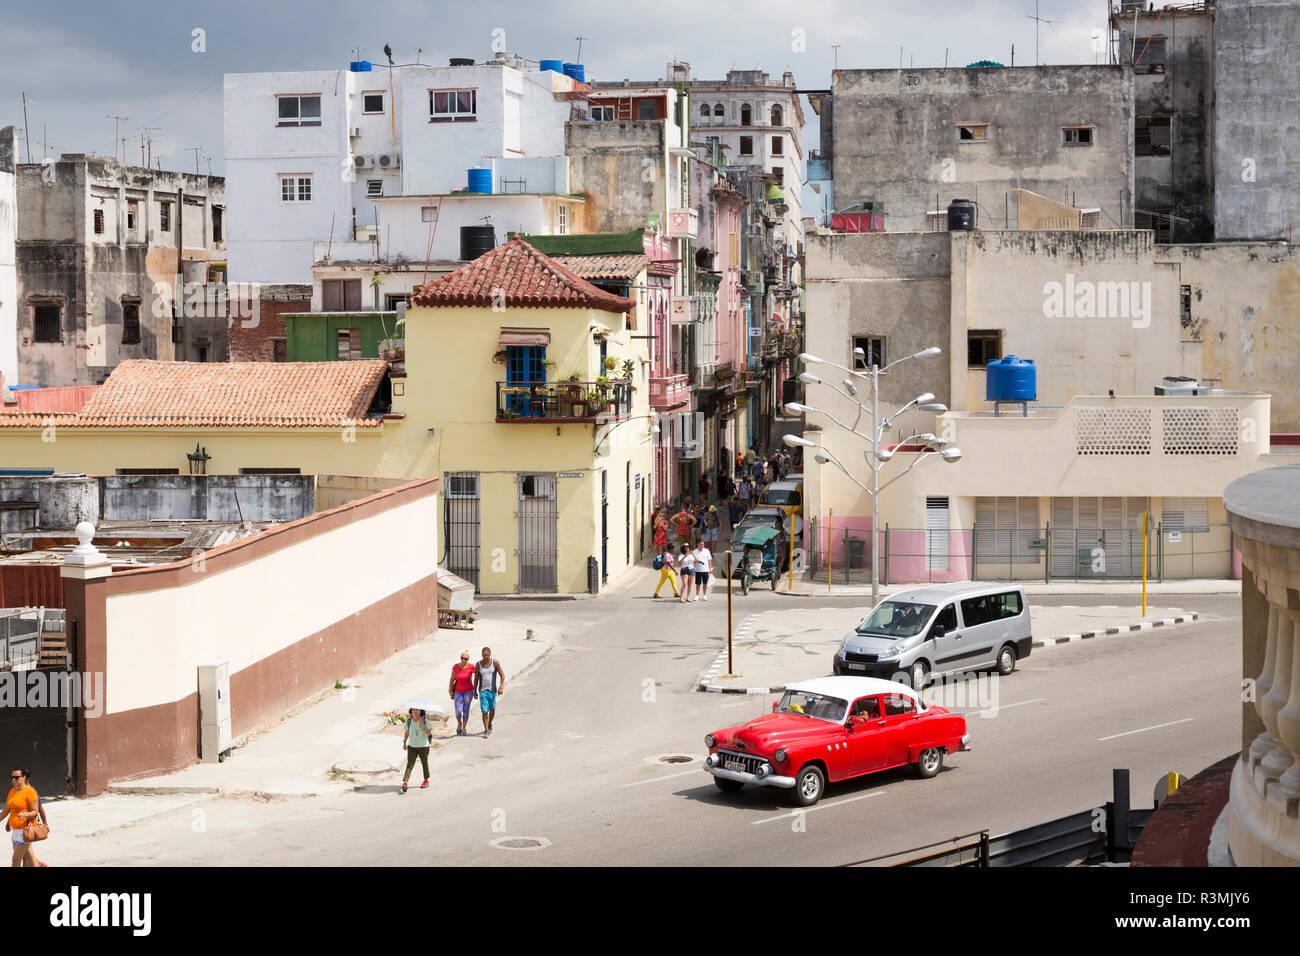 Cuba, Havana, Old Havana. Overview of city street. Credit as: Wendy Kaveney / Jaynes Gallery / DanitaDelimont.com Stock Photo